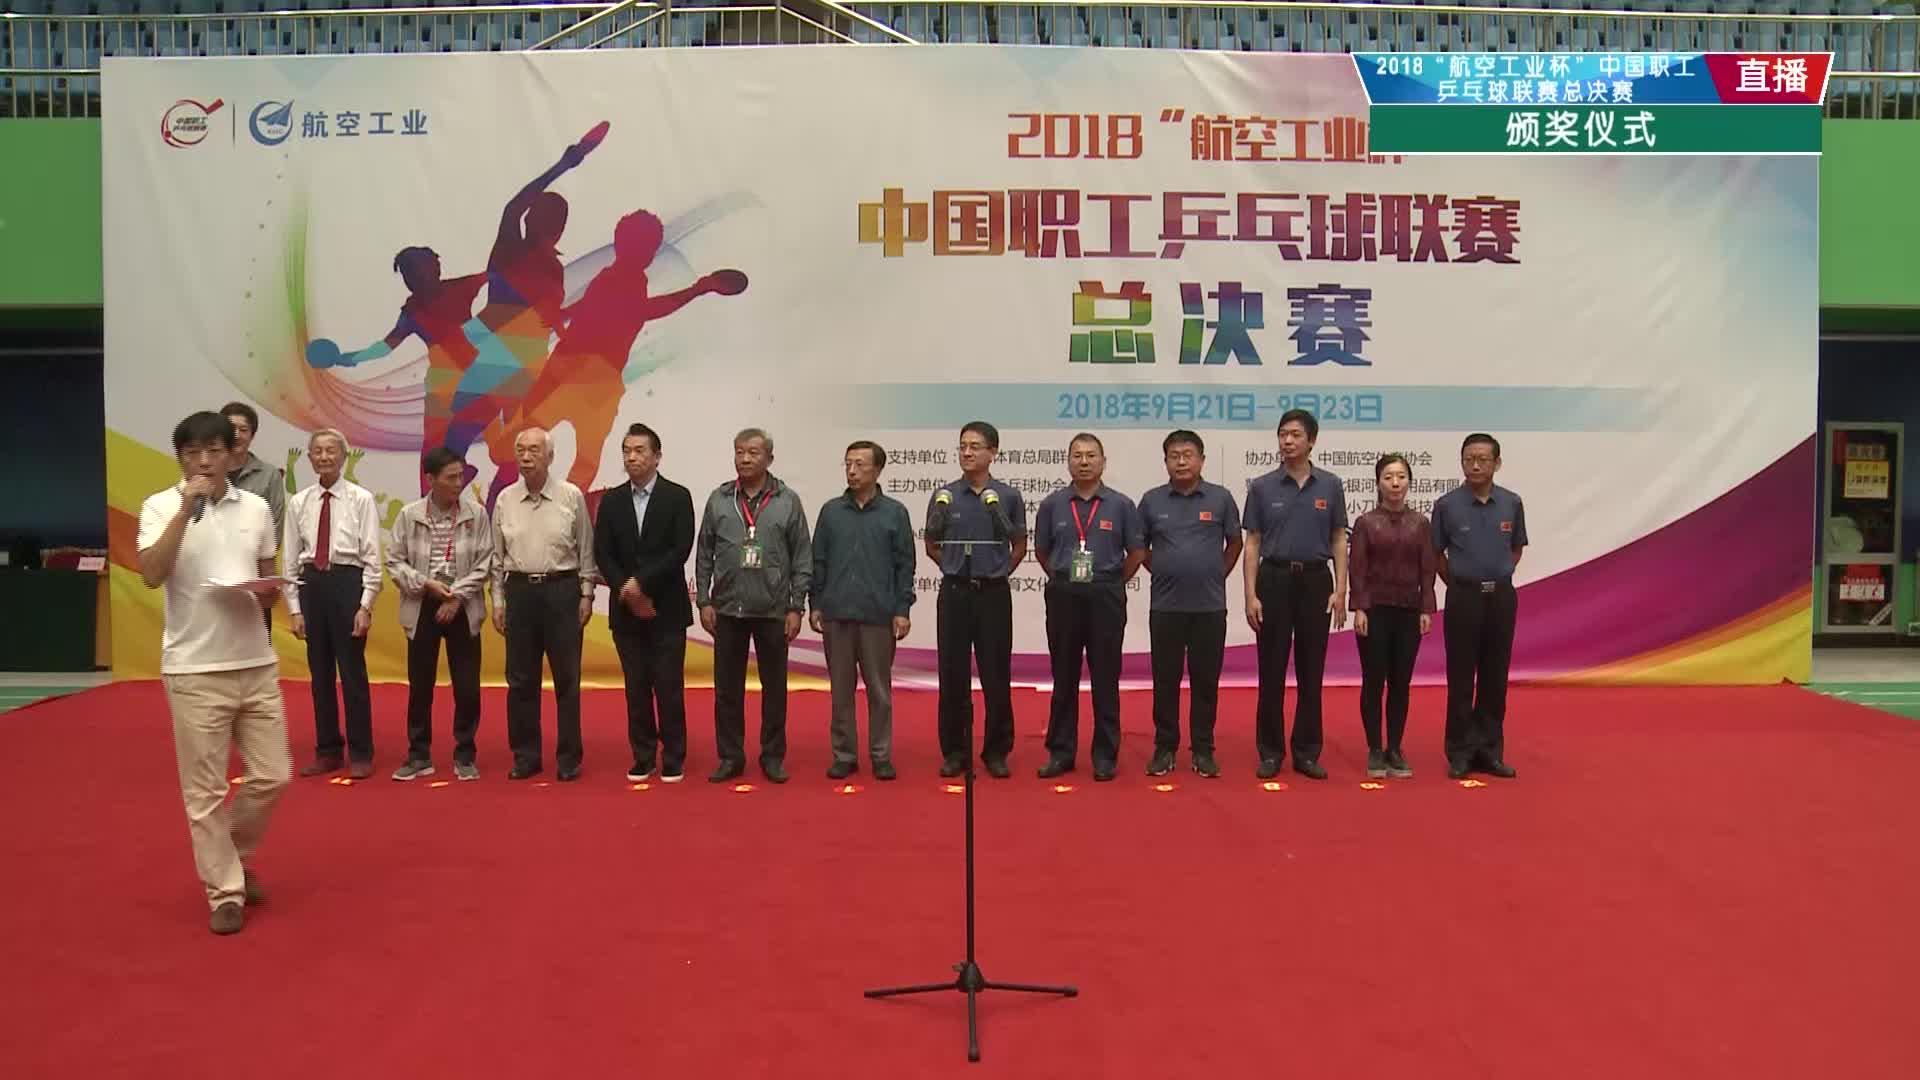 """2018""""航空工业杯""""中国职工乒乓球联赛总决赛颁奖仪式"""